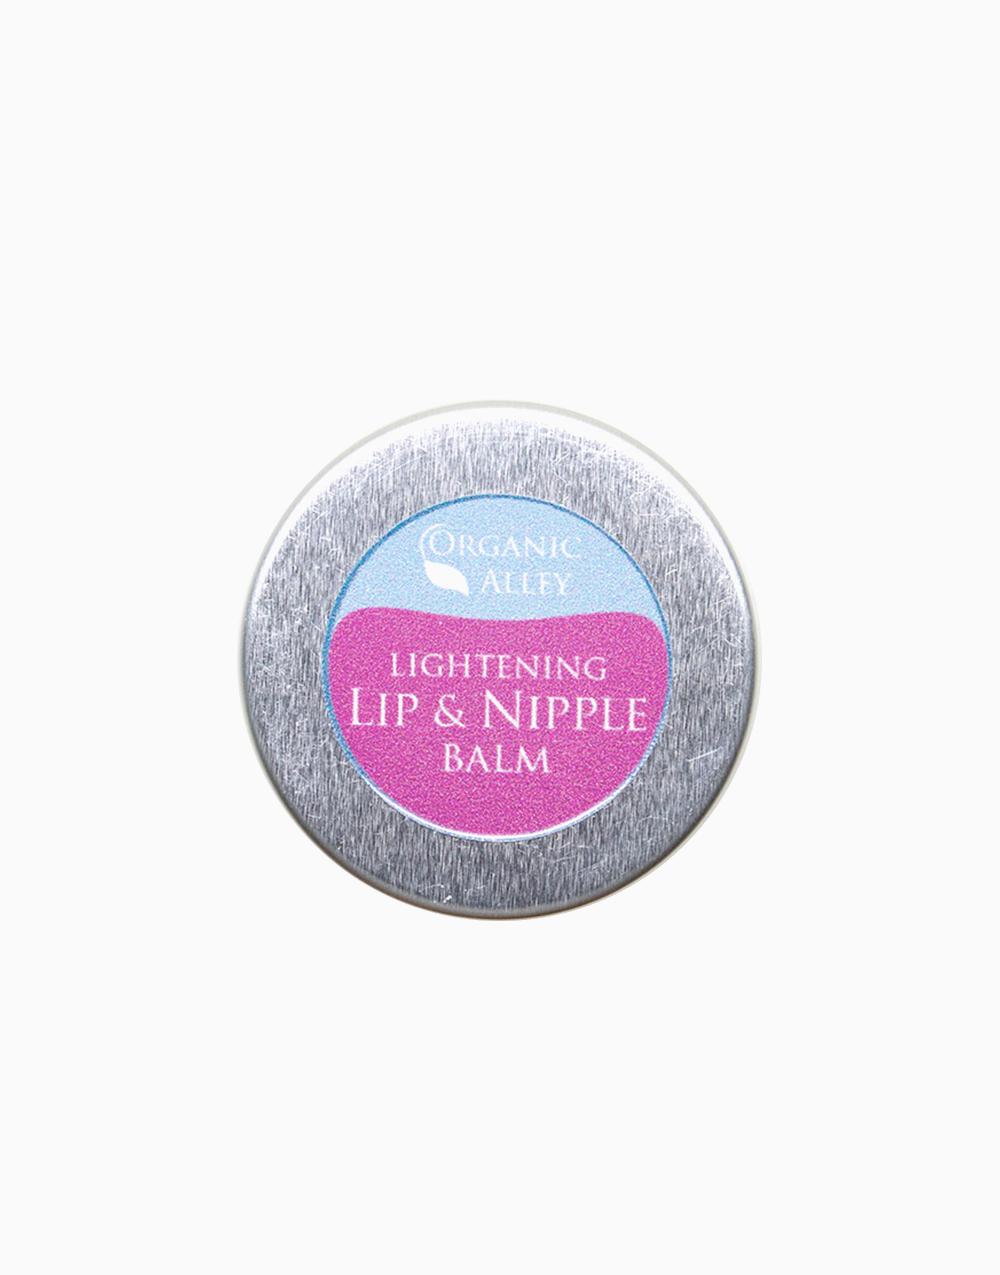 Lip & Nipple Balm (12g) by Organic Alley